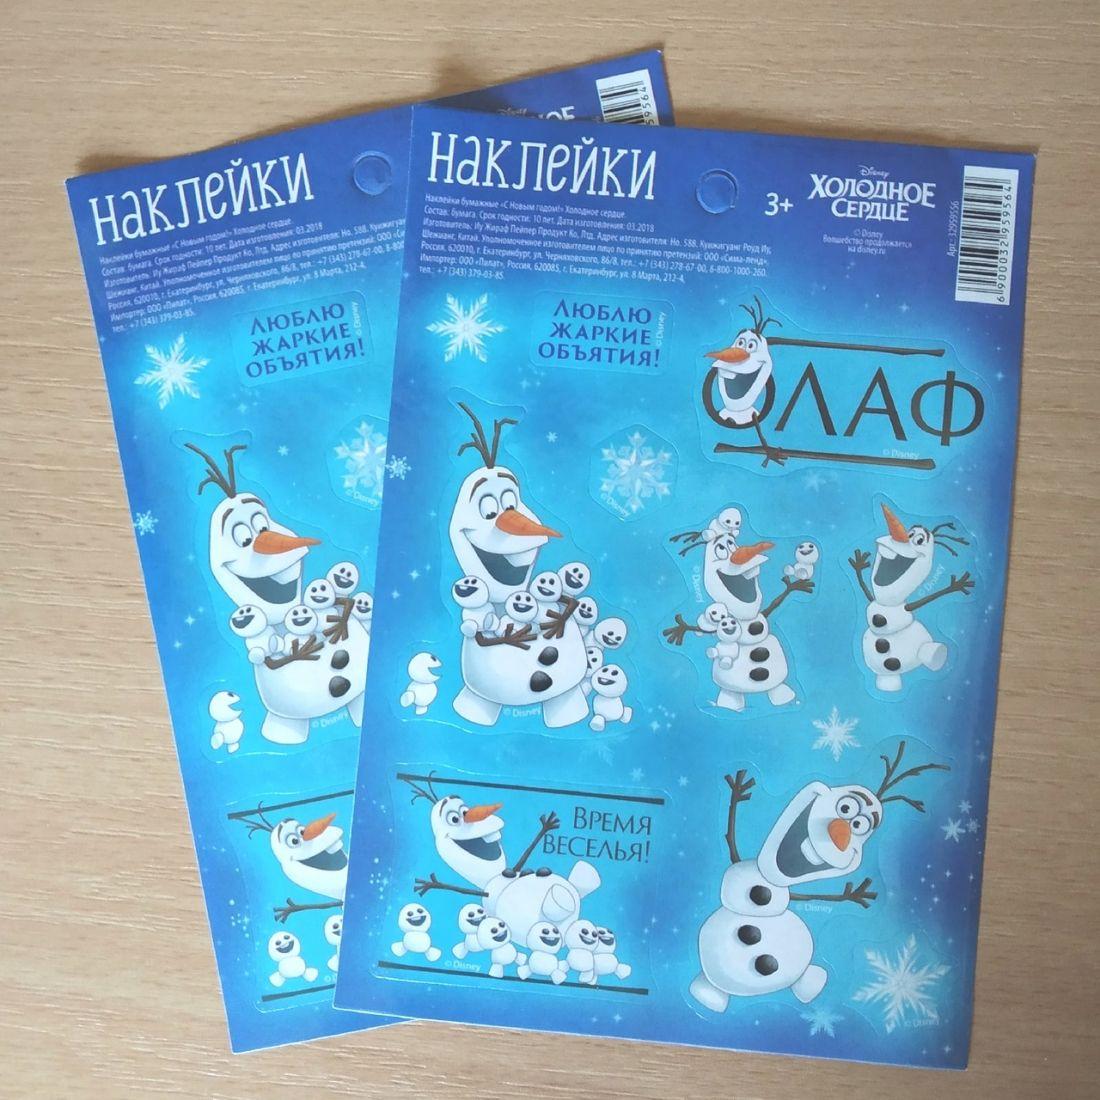 Наклейки Олаф сувенир в подарок детям на празднике Холодное сердце